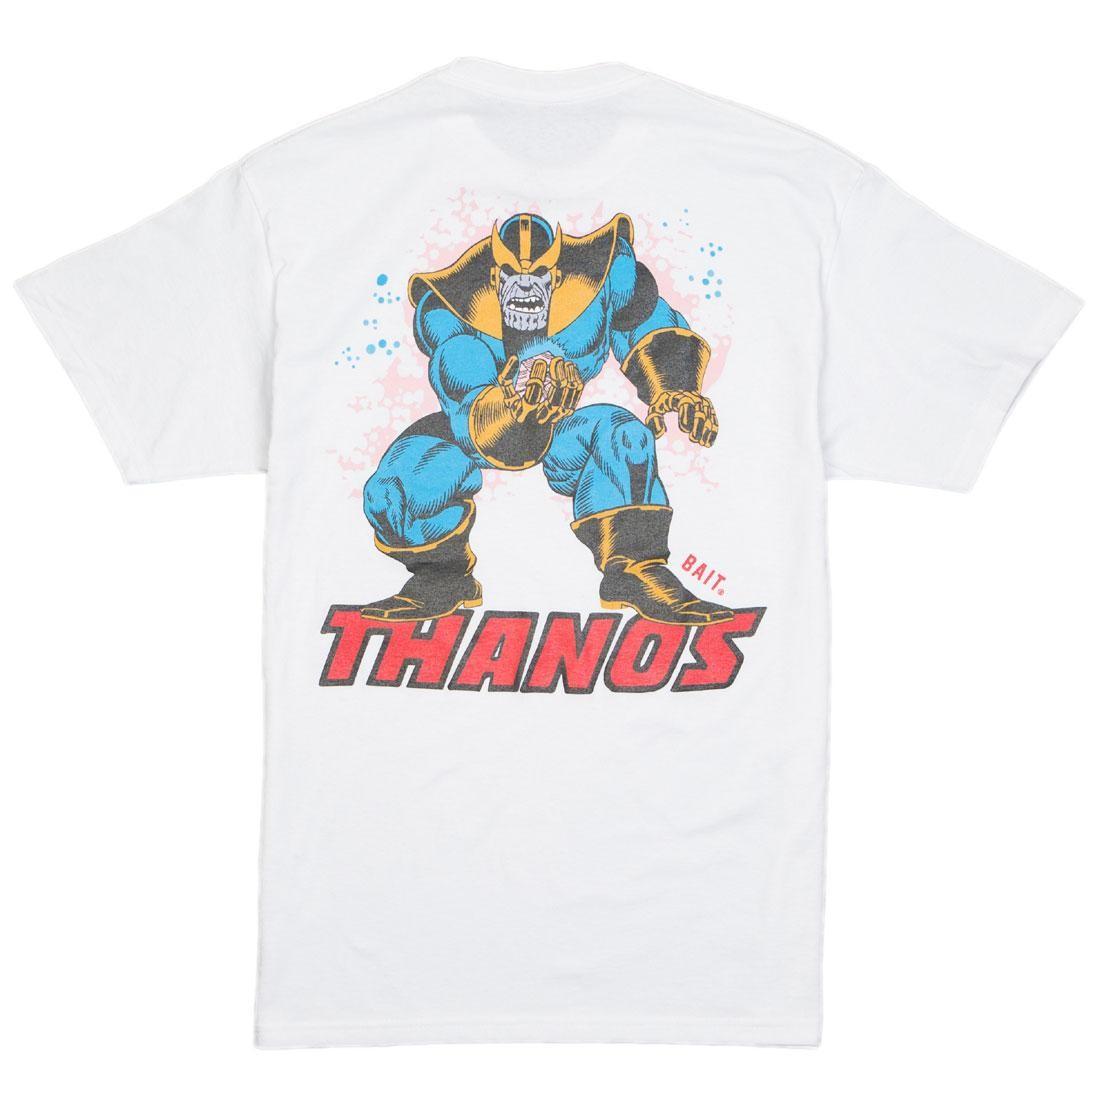 BAIT x Marvel Thanos Men Power Stance Glow In The Dark Tee (white)